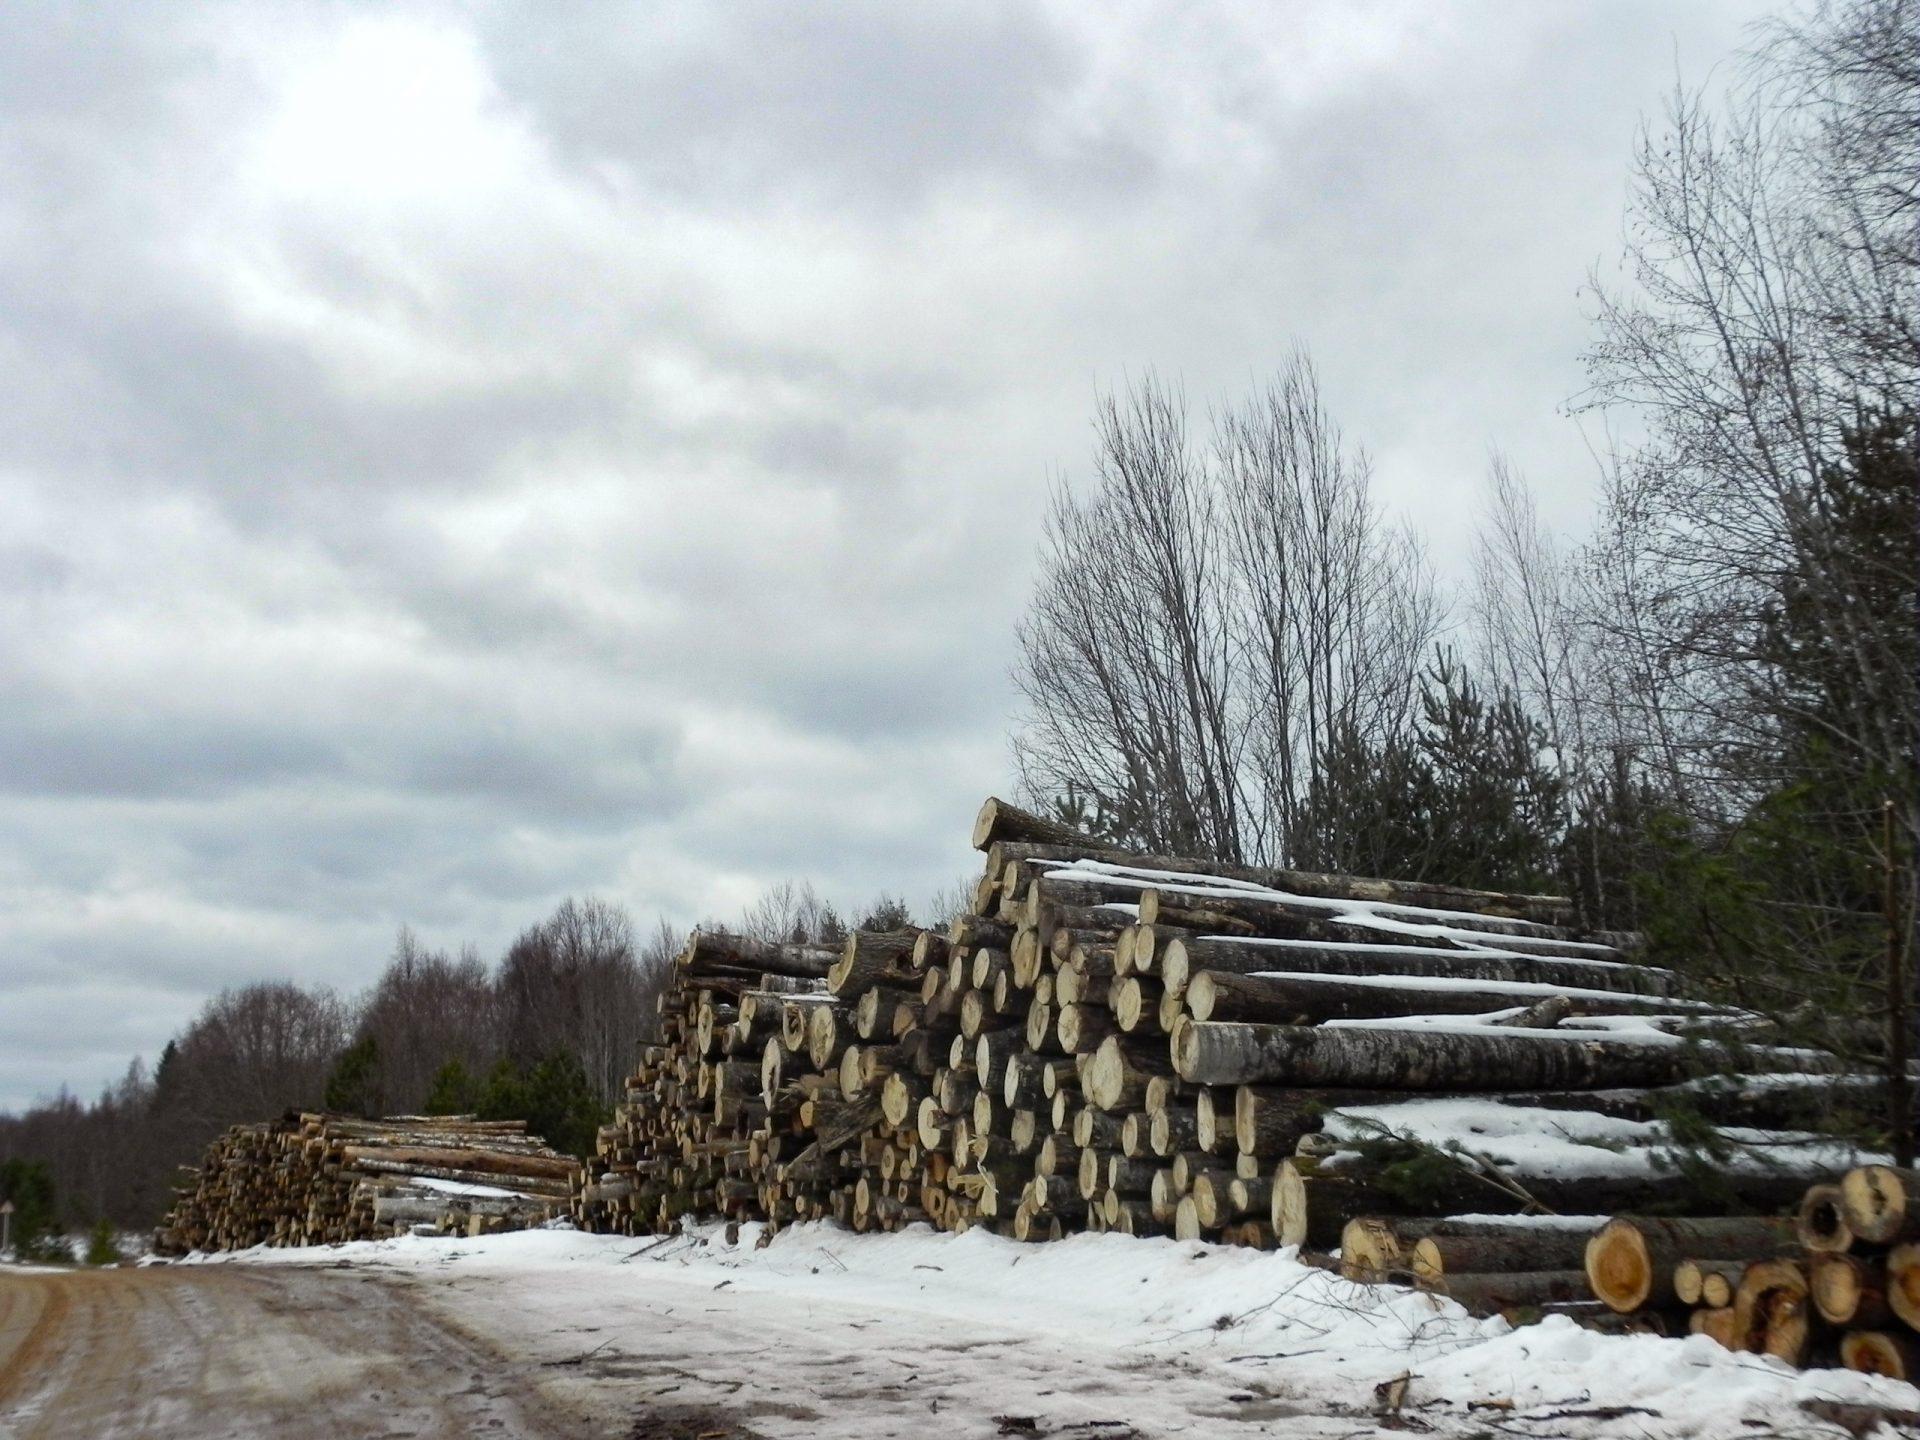 Брошенная древесина в Тверской губернии: готовимся к проведению общественного рейда.